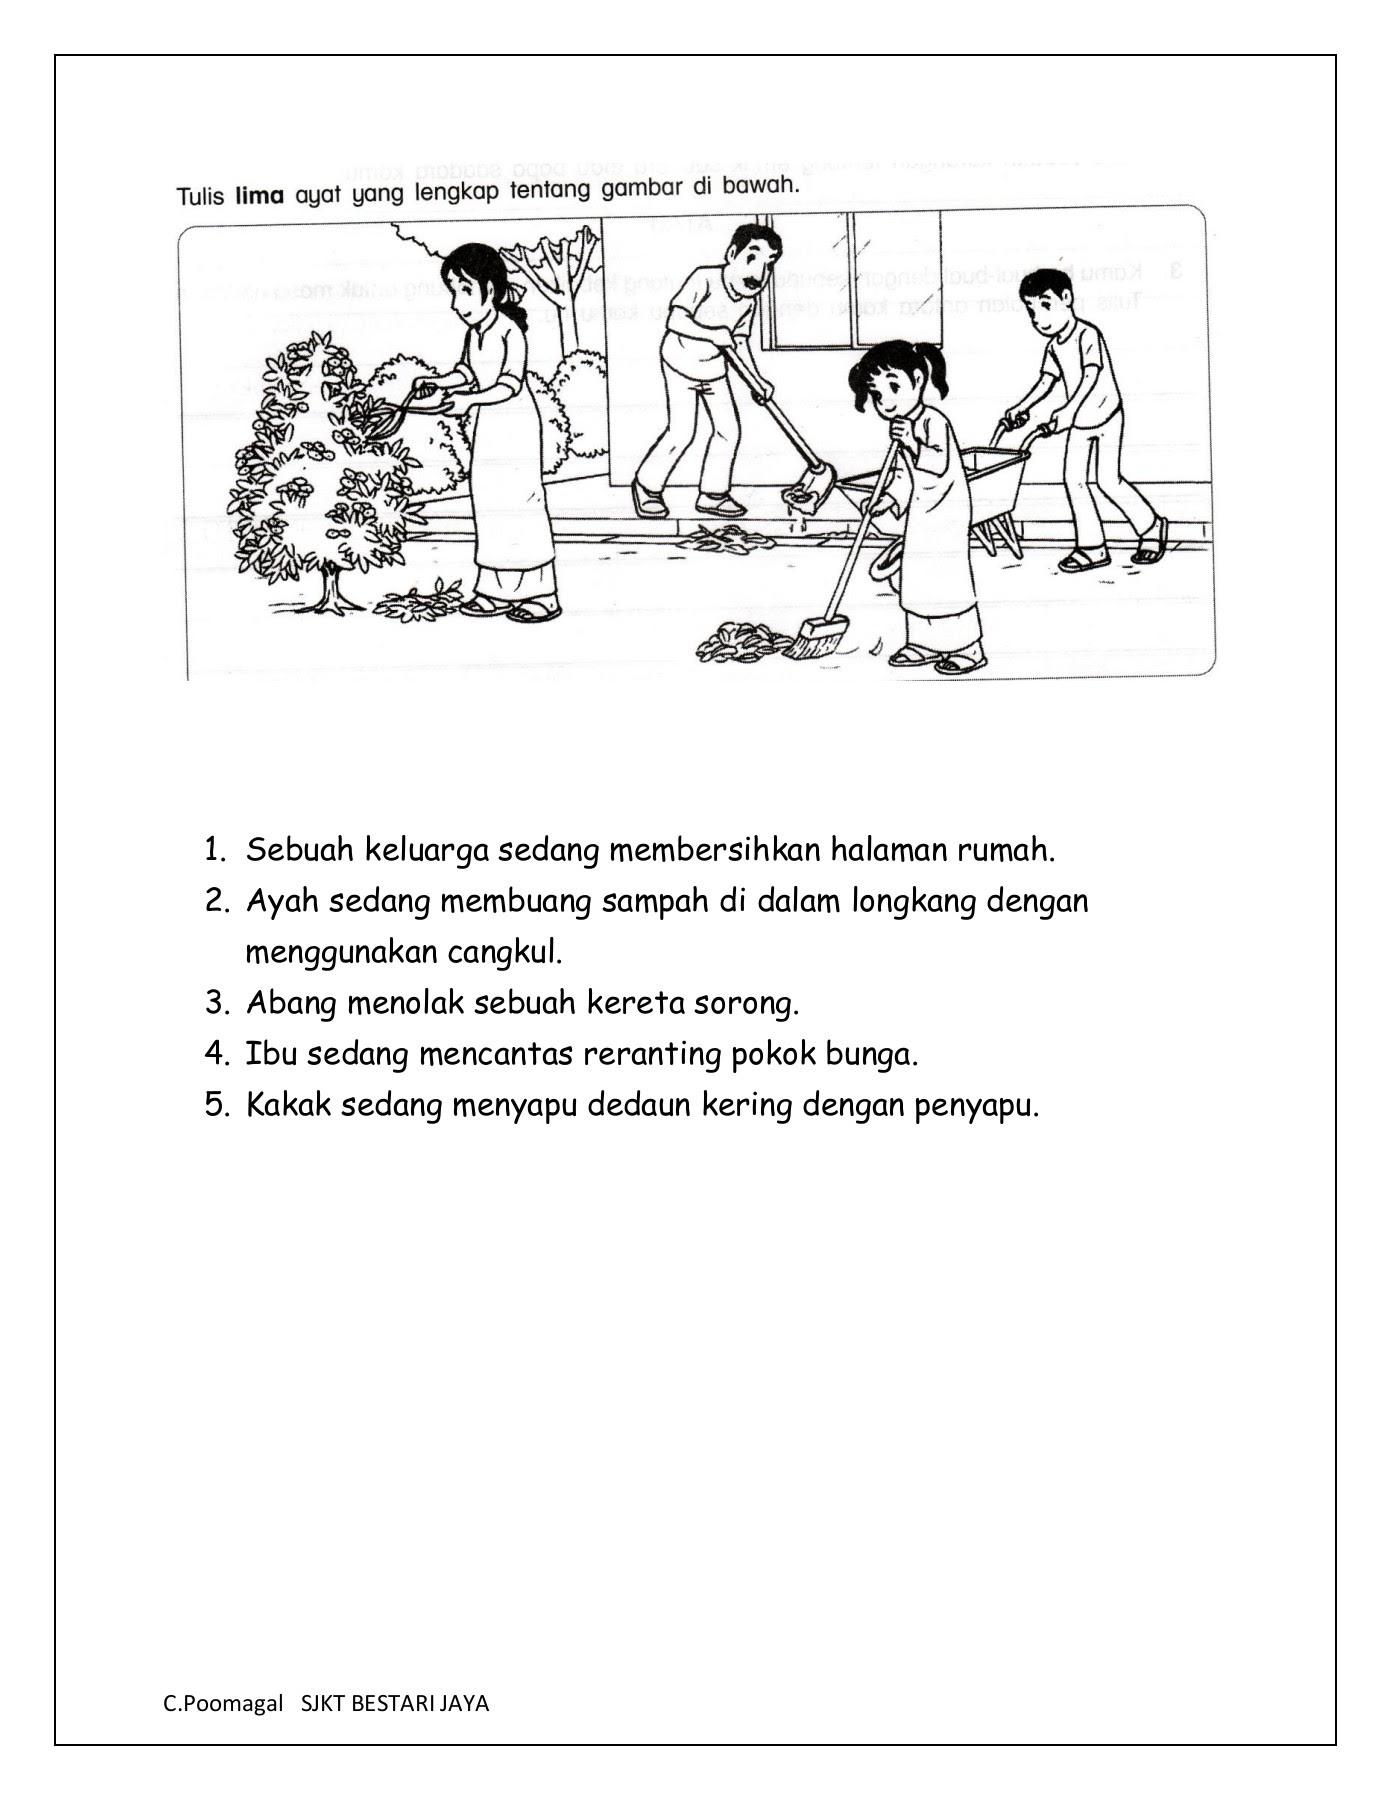 Bina Ayat Gambar Tunggal Pages 1 47 Text Version Anyflip